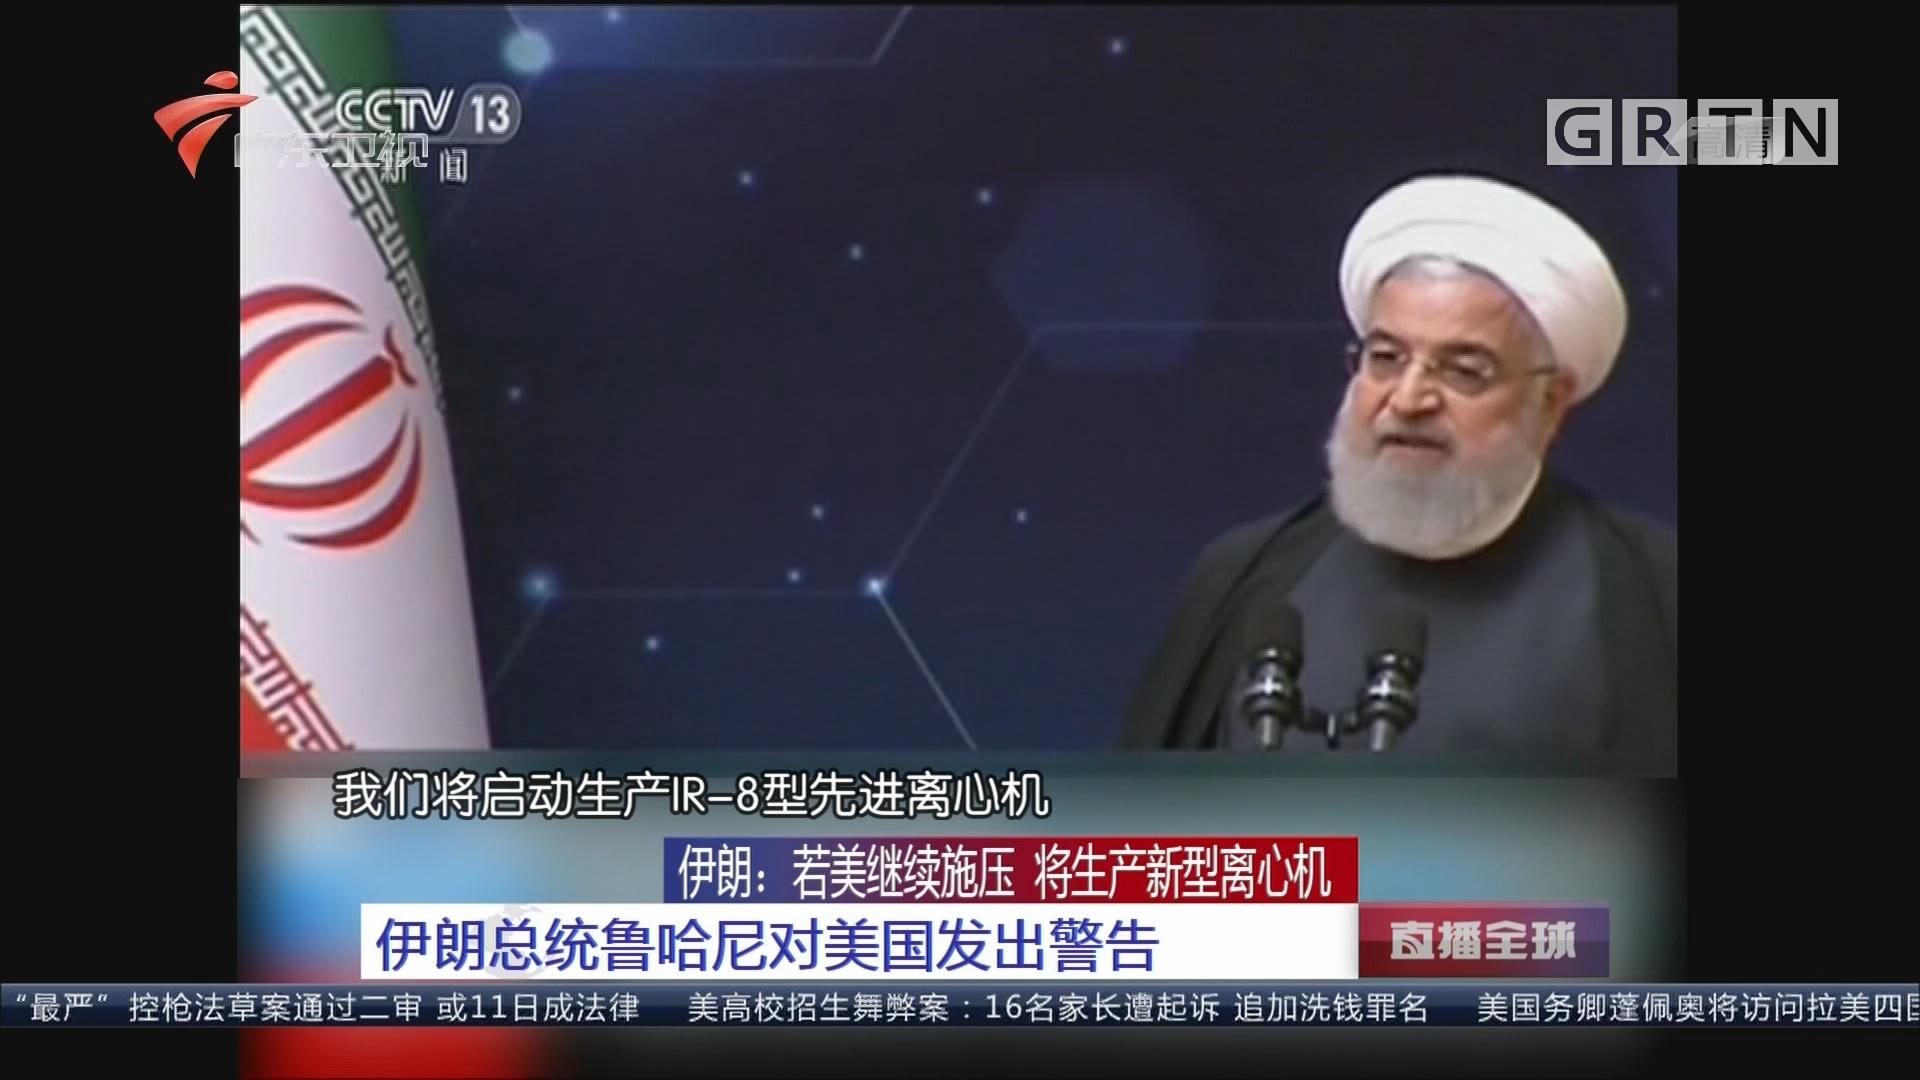 伊朗:若美继续施压 将生产新型离心机 伊朗总统鲁哈尼对美国发出警告